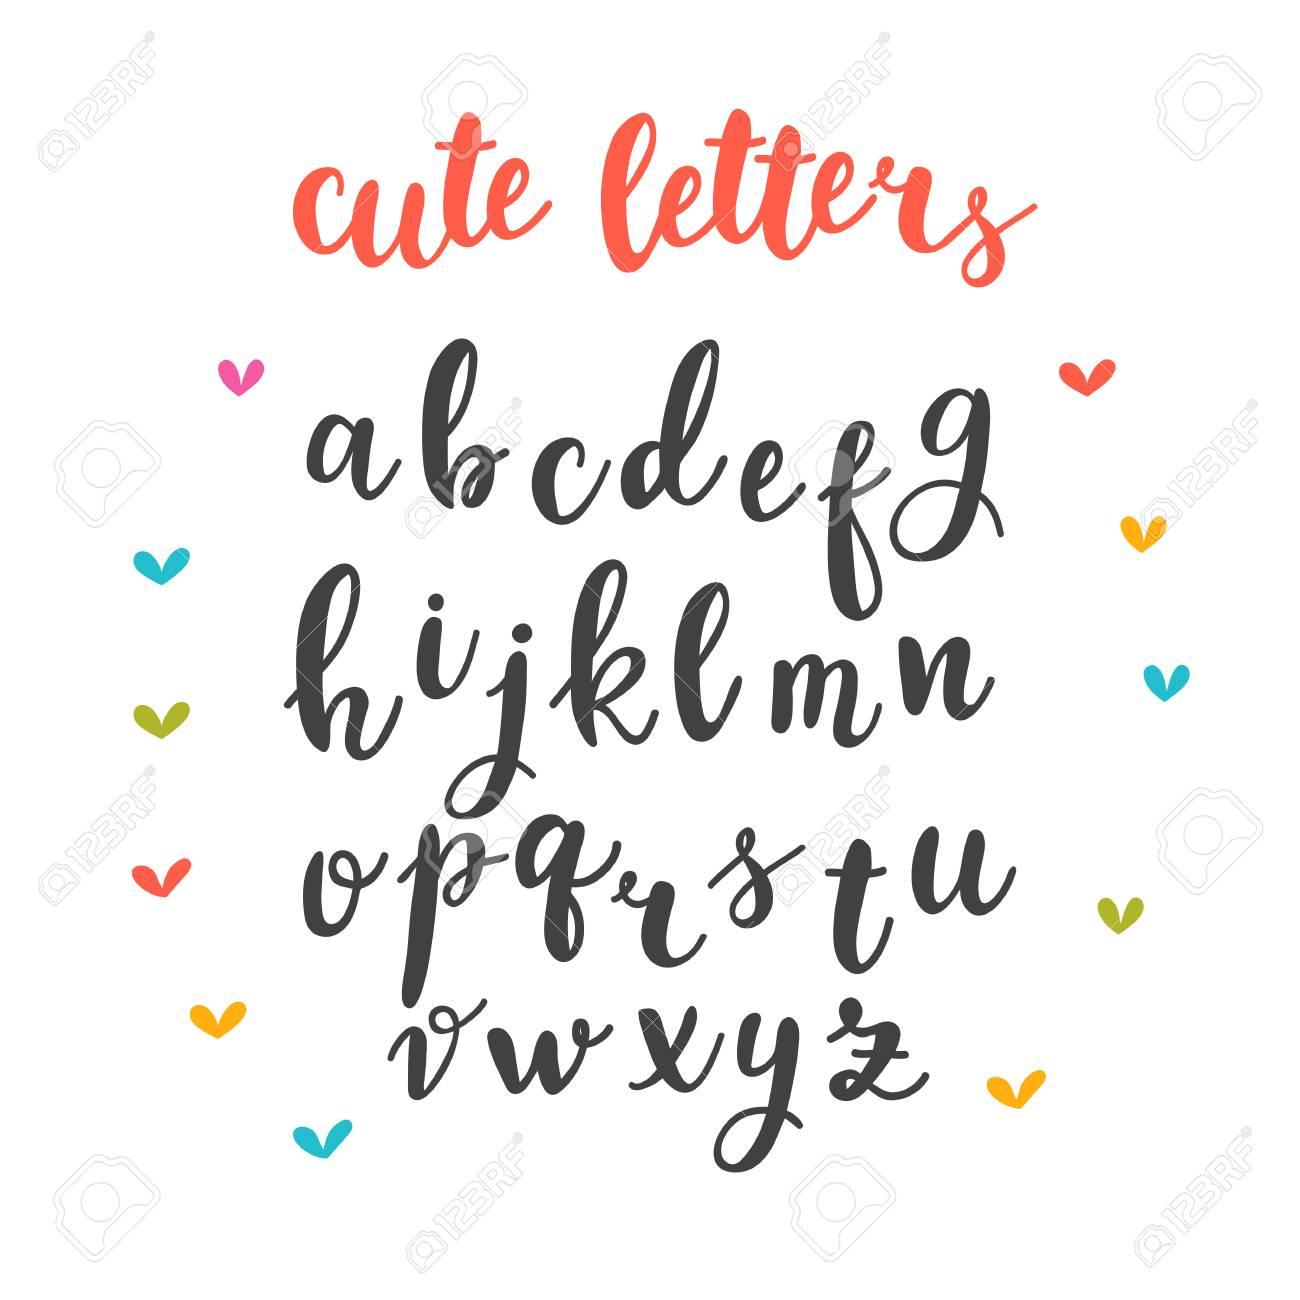 Letras Bonitas Fontes Caligráficas Desenhadas A Mão Letra Do